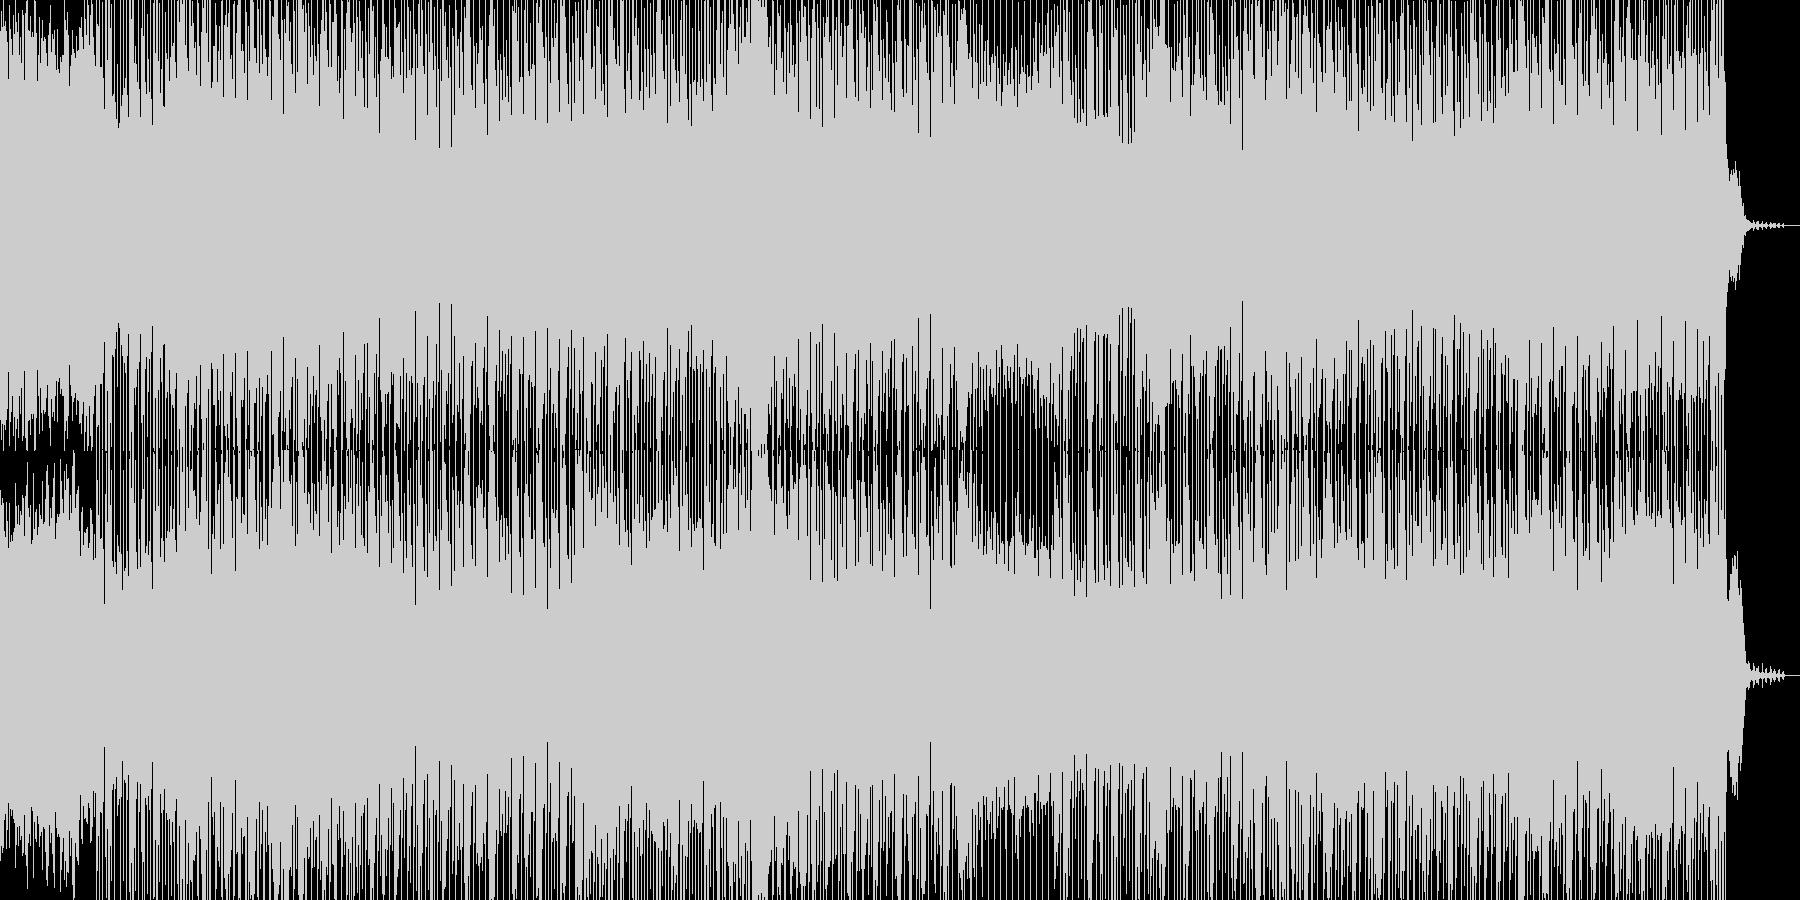 印象的なリフと軽快なリズムのBGMの未再生の波形